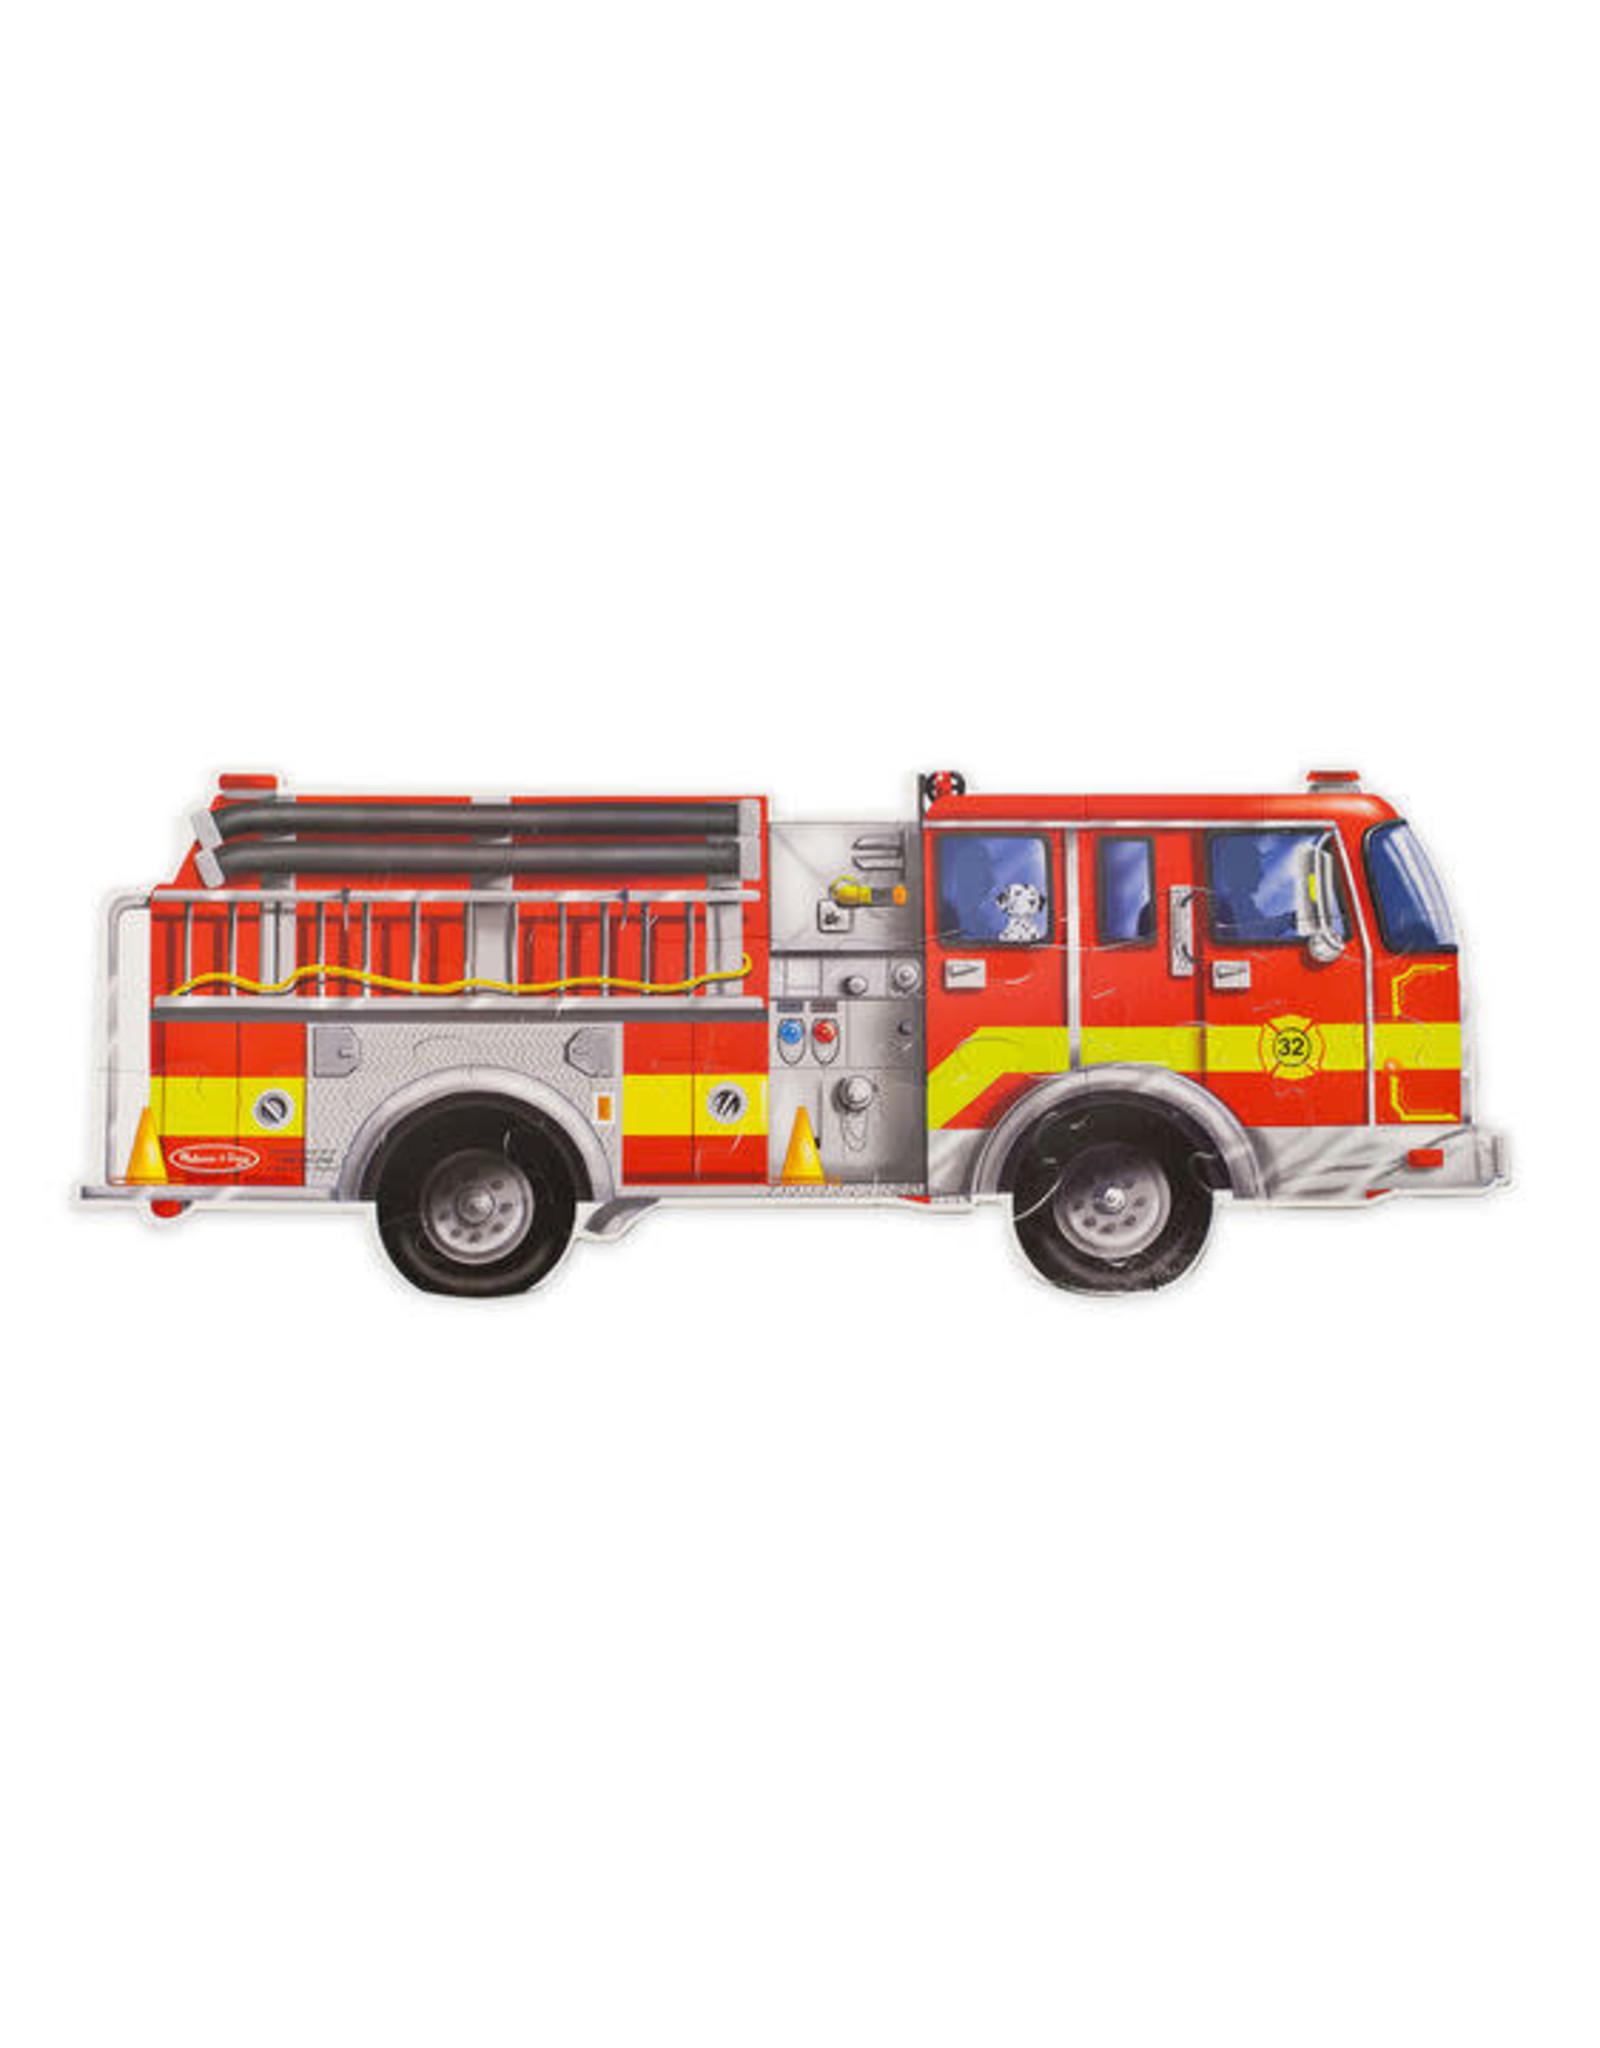 Giant Fire Truck Floor (24 pc)